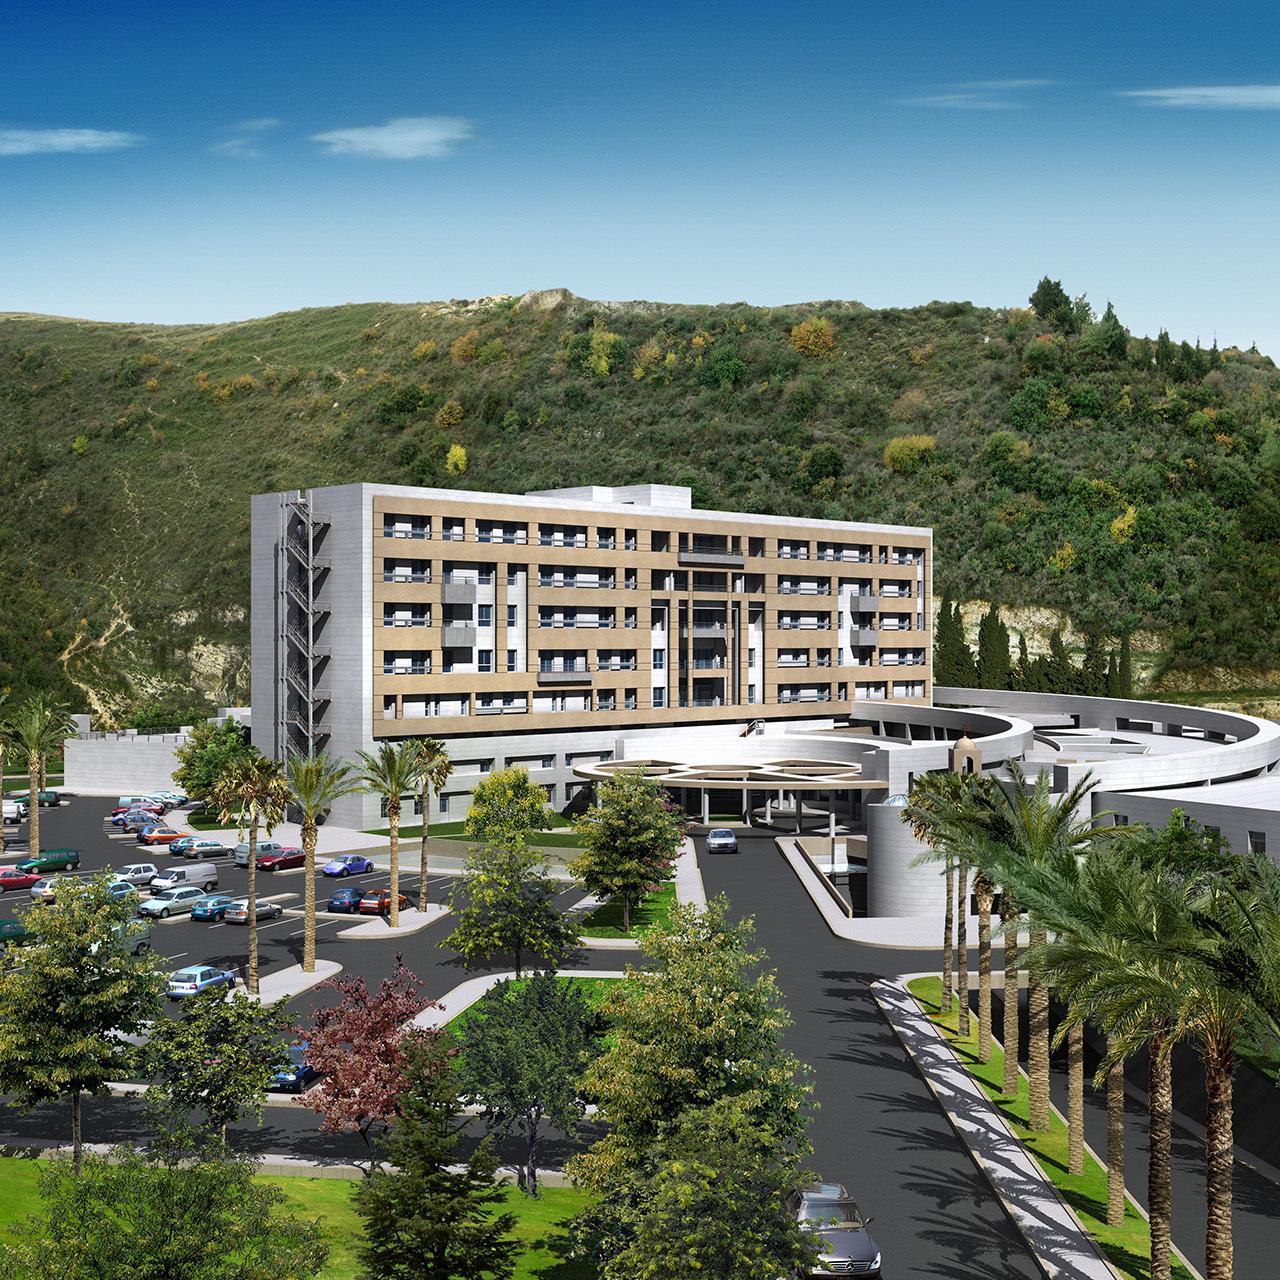 Univeristy of Balamand Medical Center, Lebanon